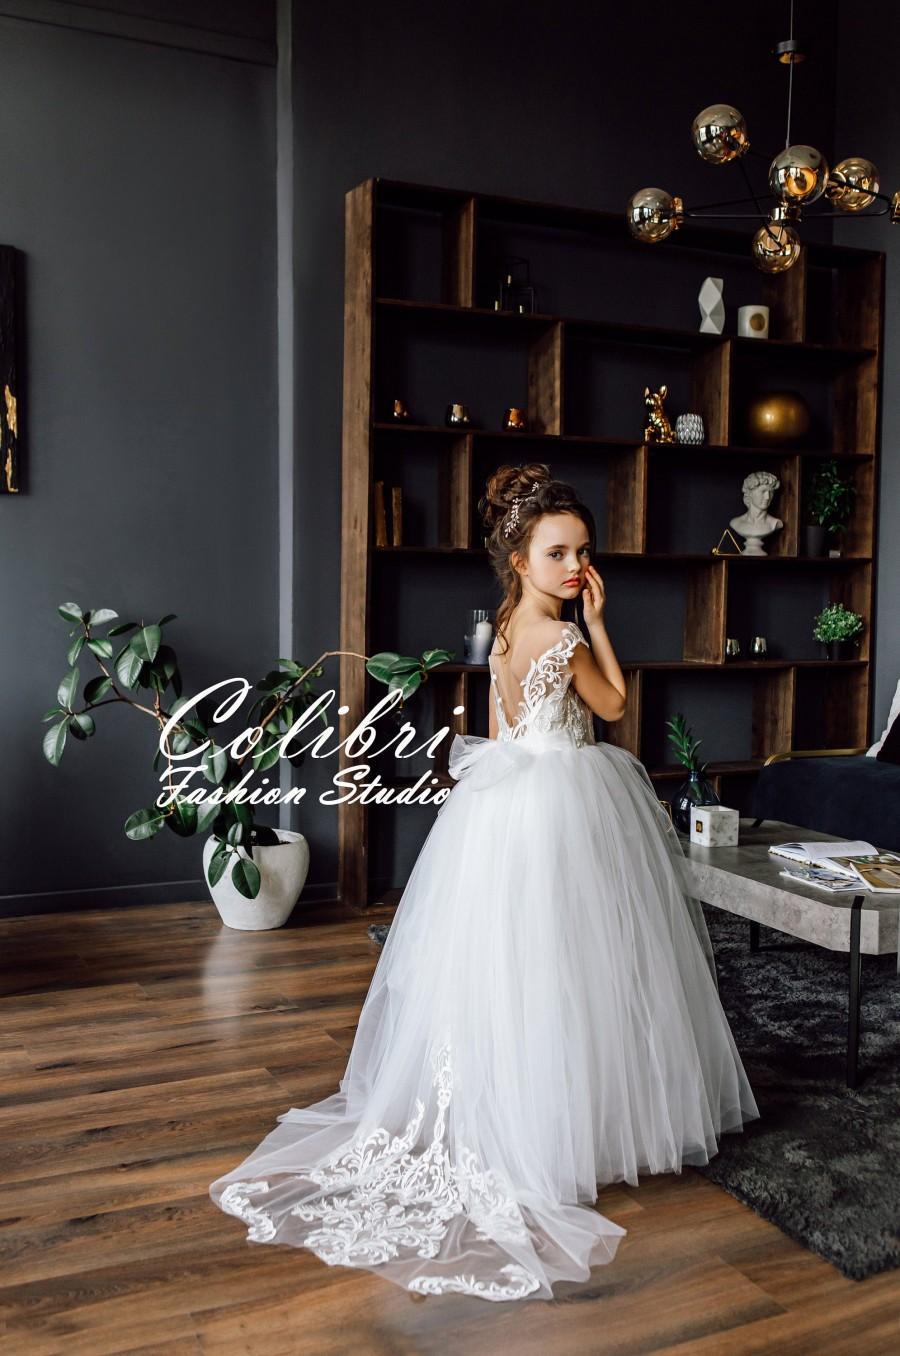 Свадьба - Flower girl dress tulle Flower girl dress  First communion dress Lace flower girl dress Toddler dress Ivory girl dress Princess dress